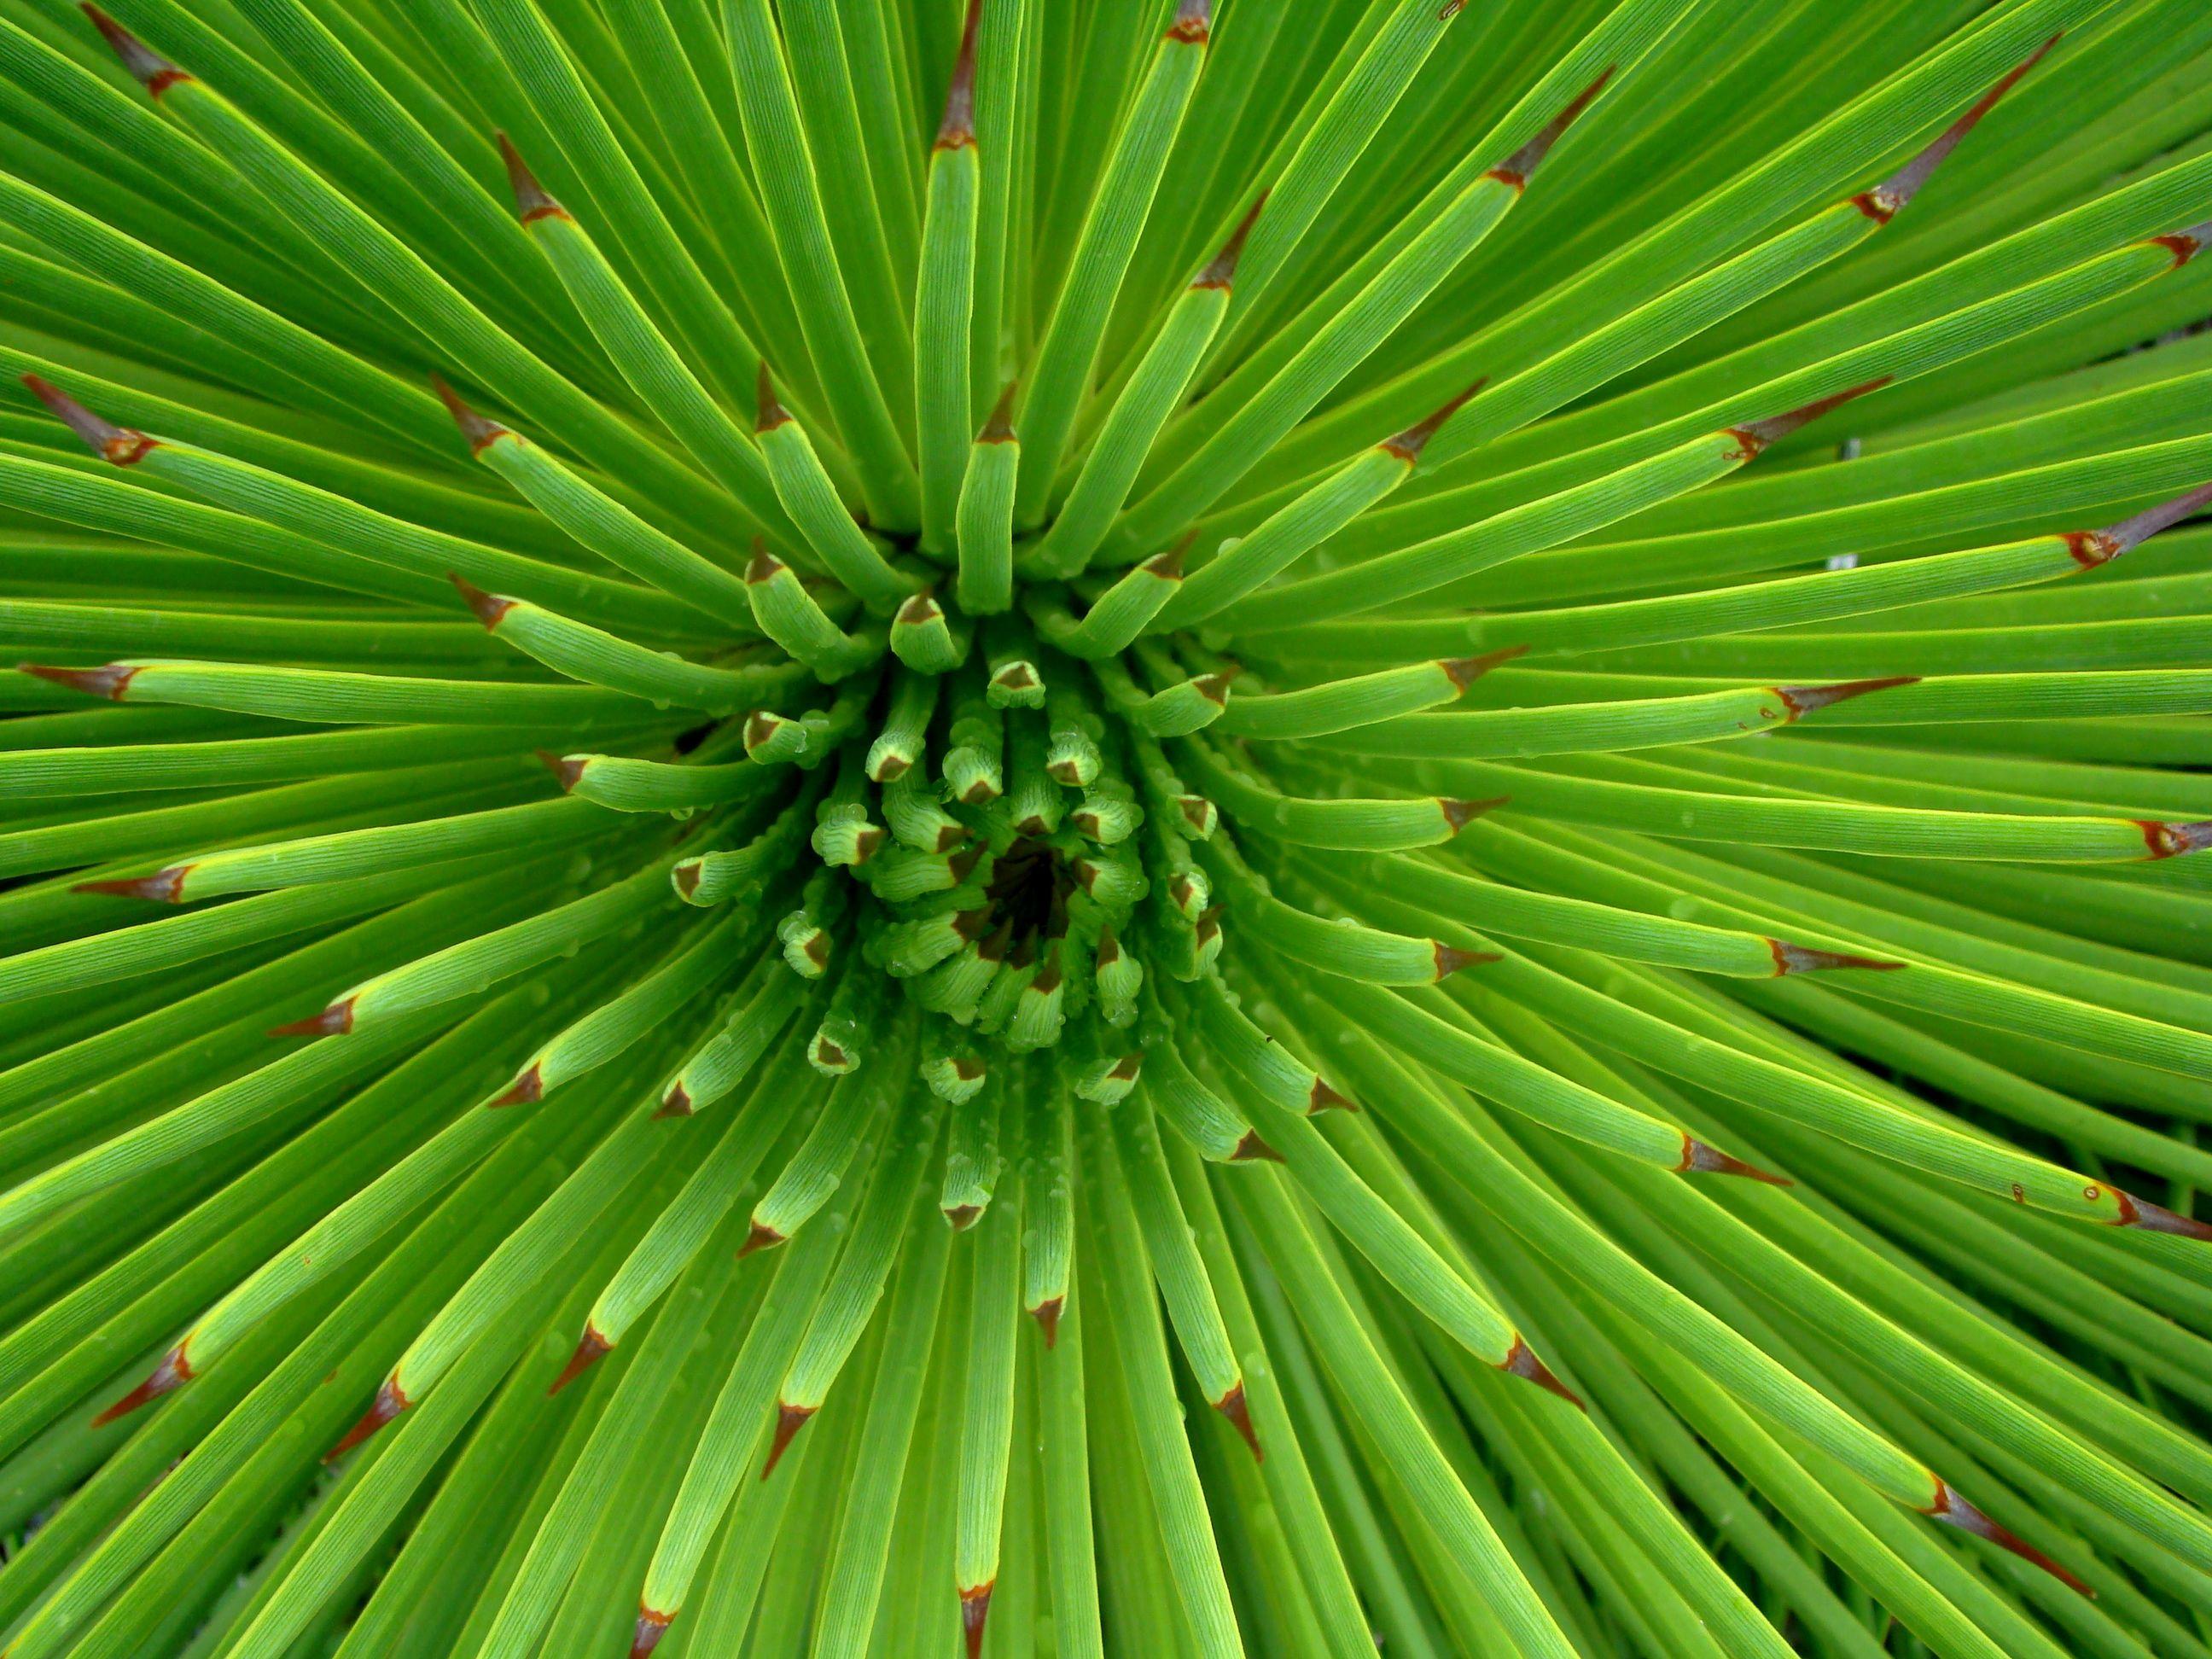 Great green flower